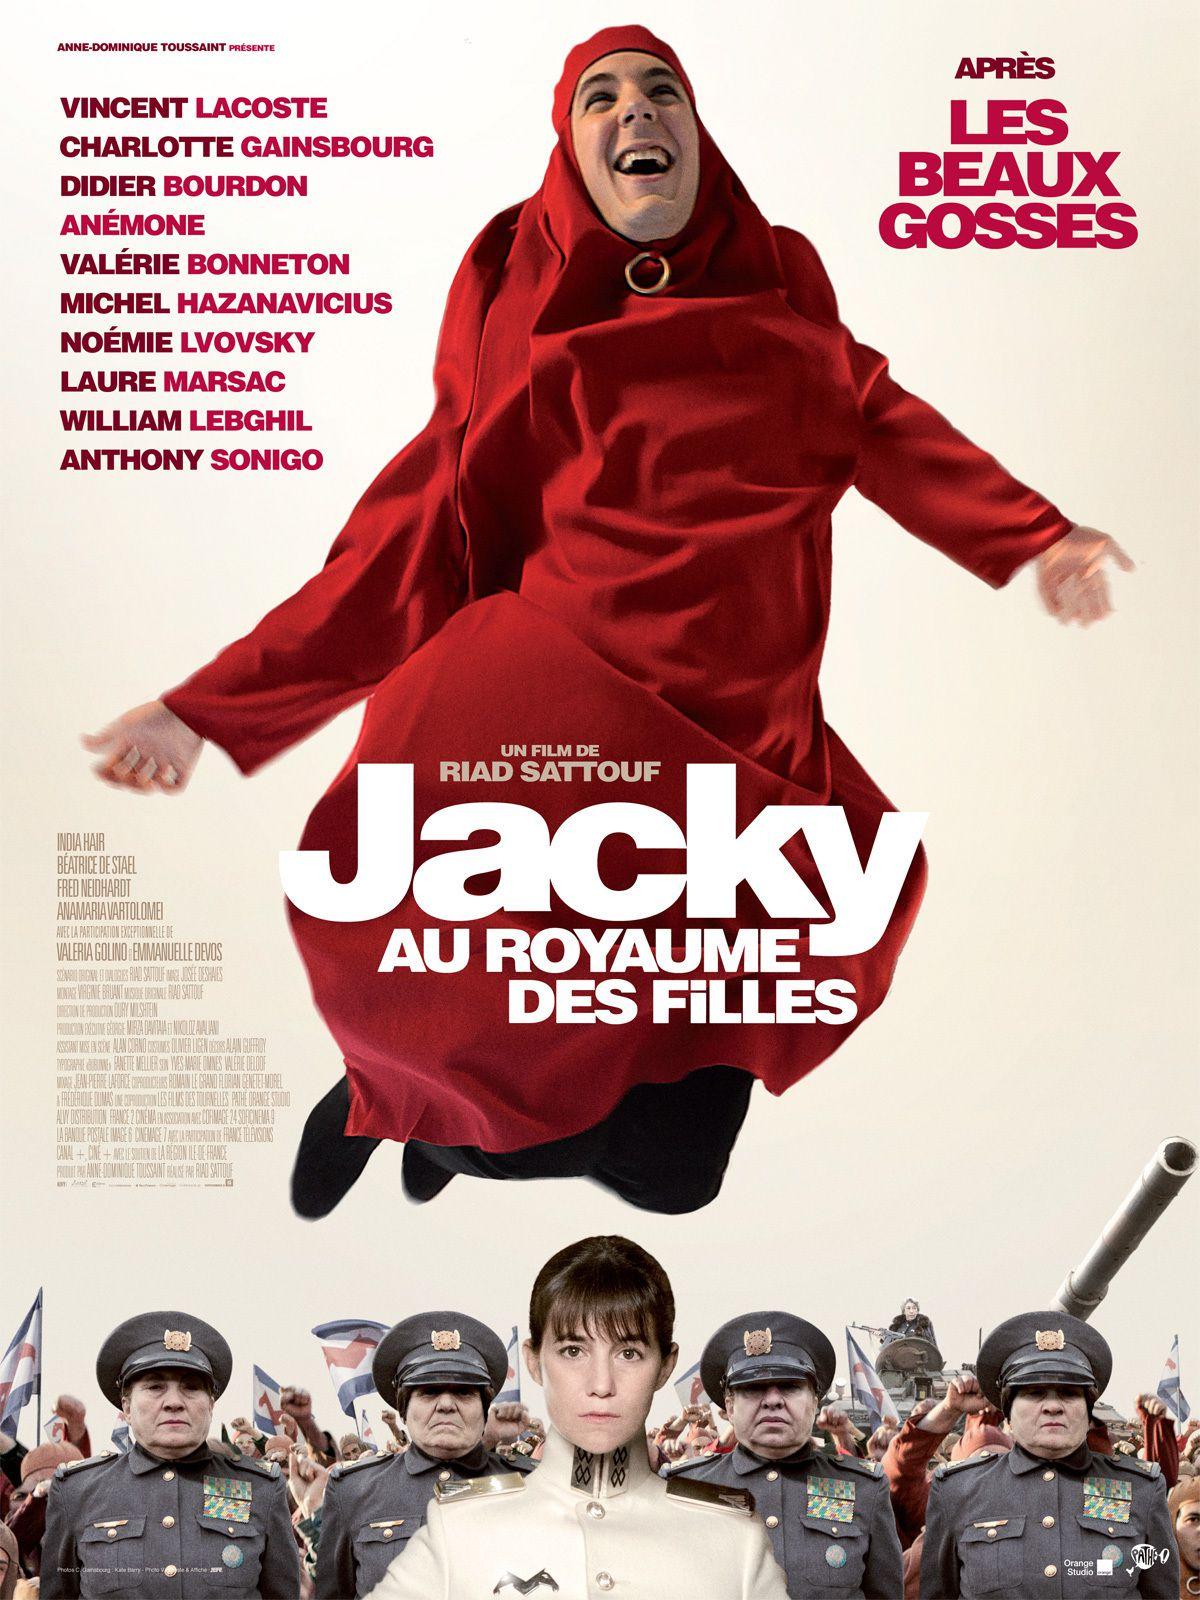 Jacky au royaume des filles - Film (2014)